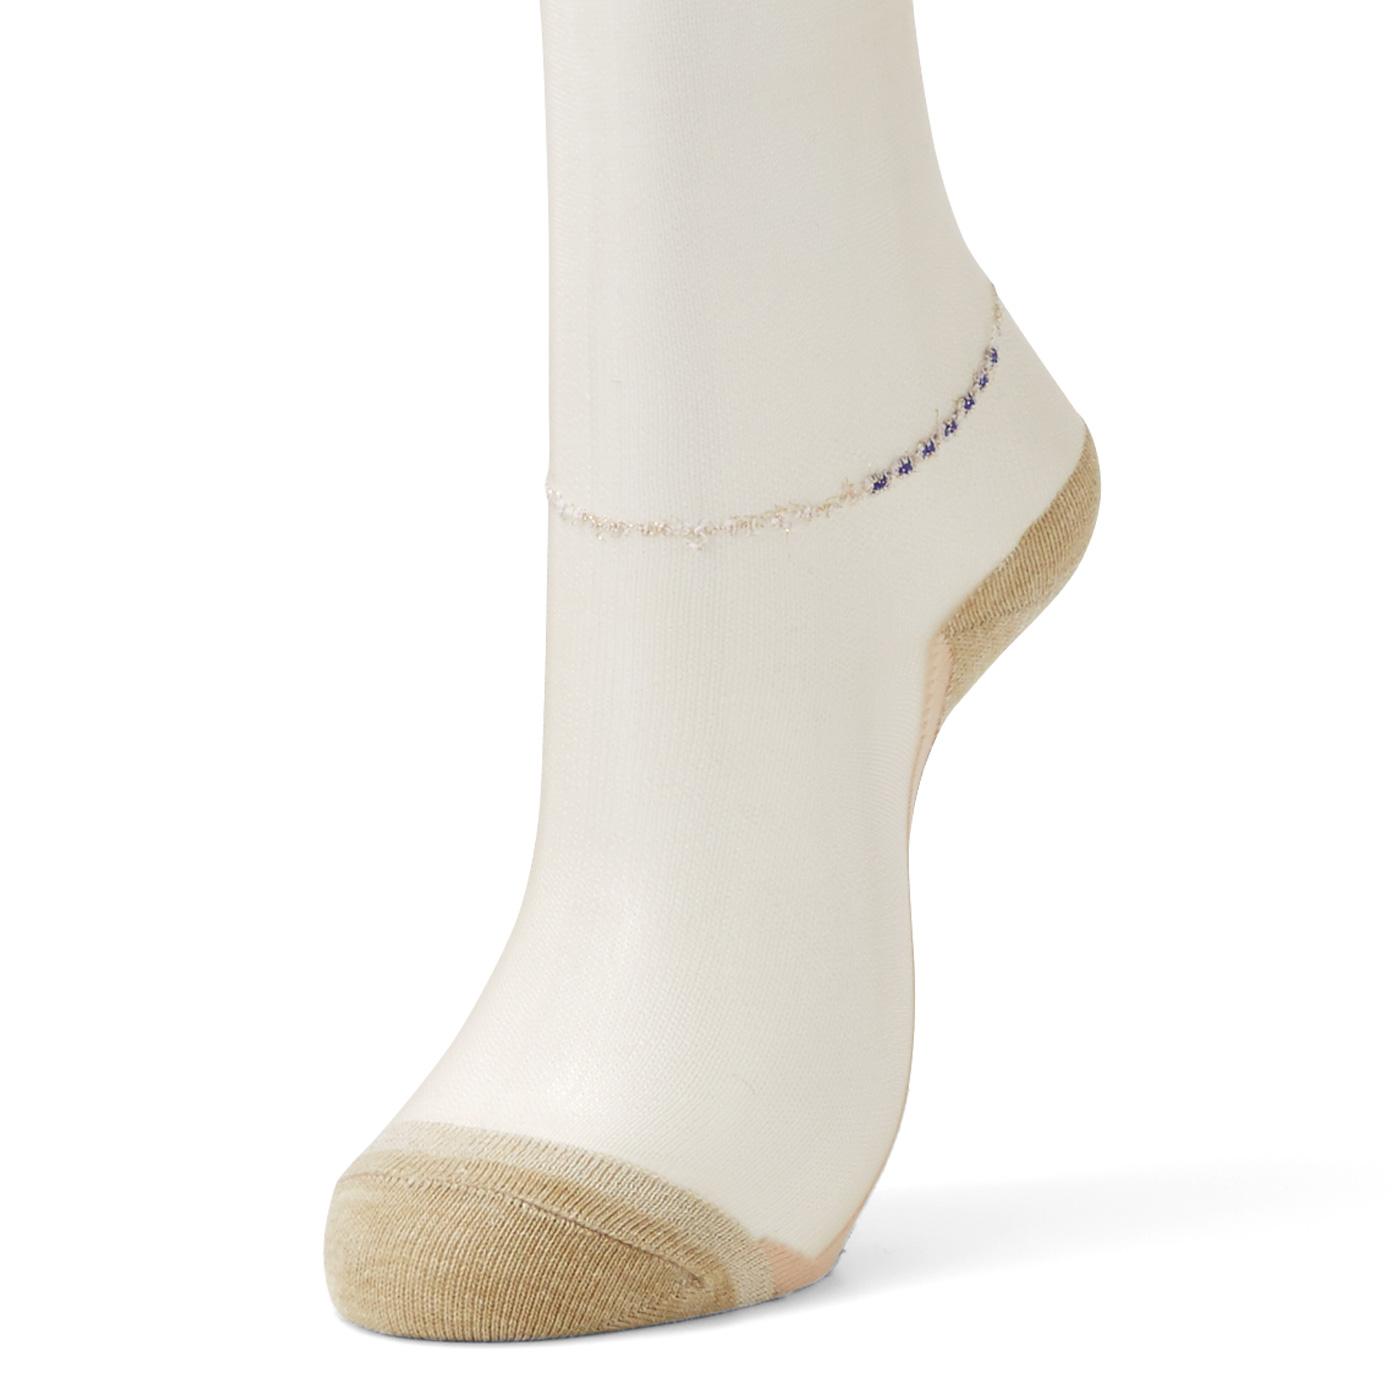 ガウチョパンツなど短めボトムスに合わせやすいひざ丈。はき口幅を広くしやわらかく仕上げているので、ひざ下を締め付けません。